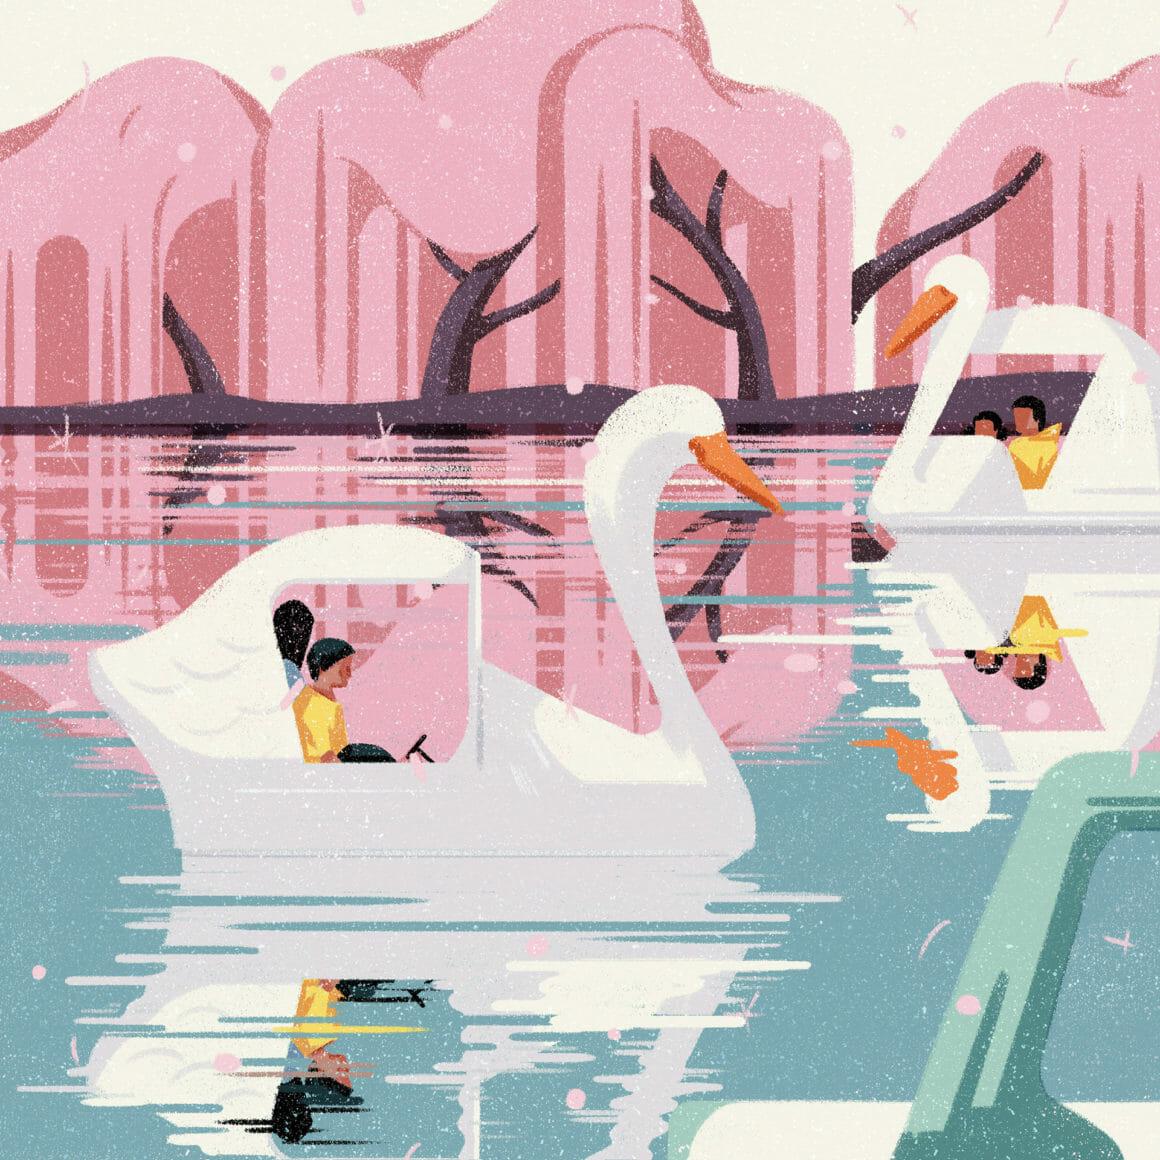 Illustration avec des personnages dans des bateaux en forme de cygnes.